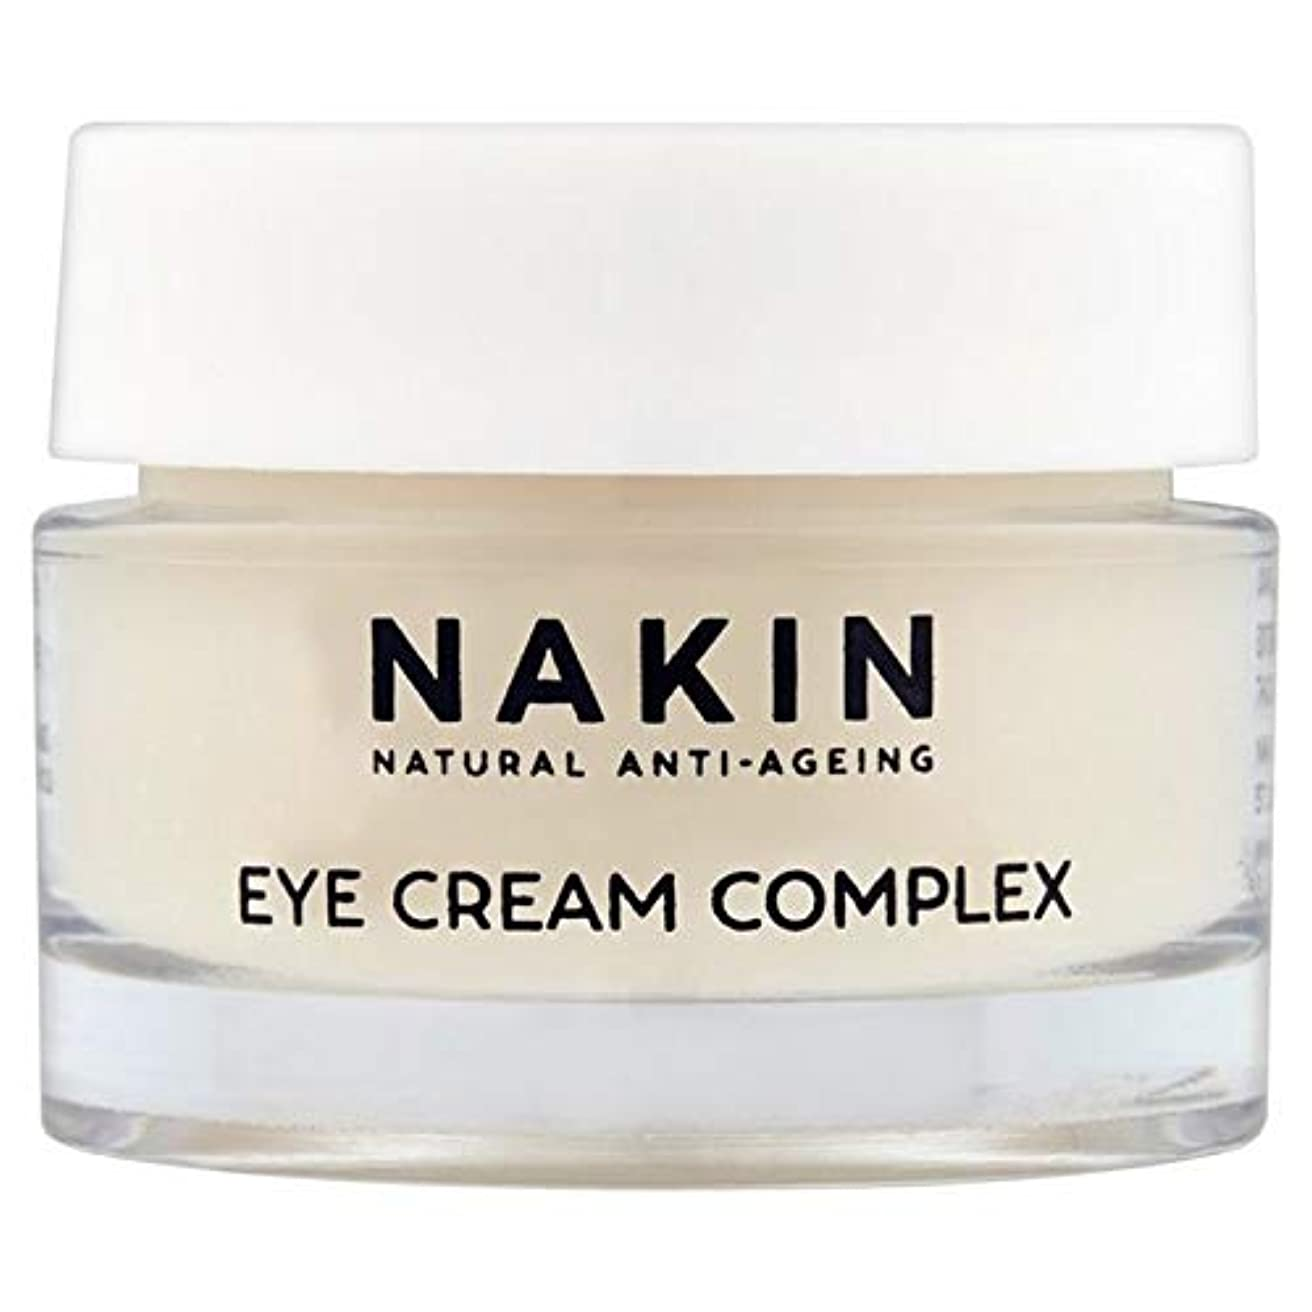 さようなら旅枠[Nakin] Nakin自然アンチエイジングアイクリームコンプレックス15ミリリットル - Nakin Natural Anti-Ageing Eye Cream Complex 15ml [並行輸入品]